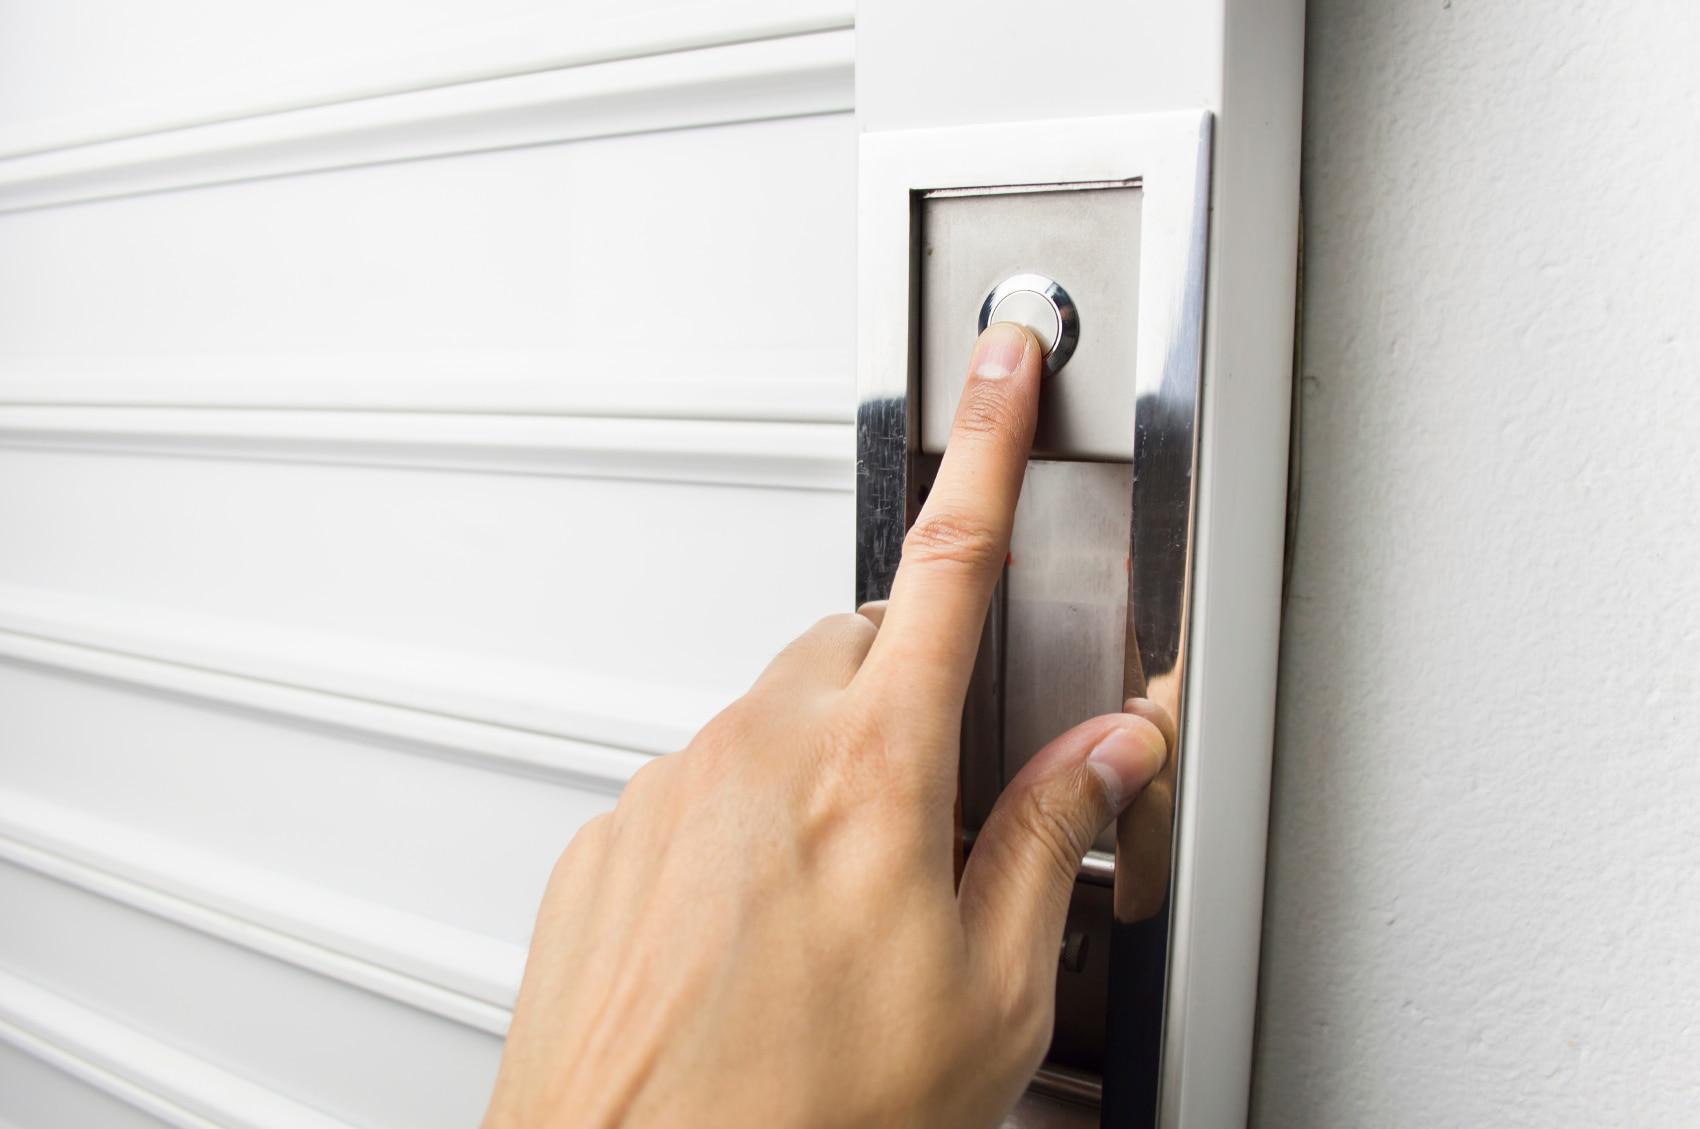 tecnologia recurso bbva vivienda